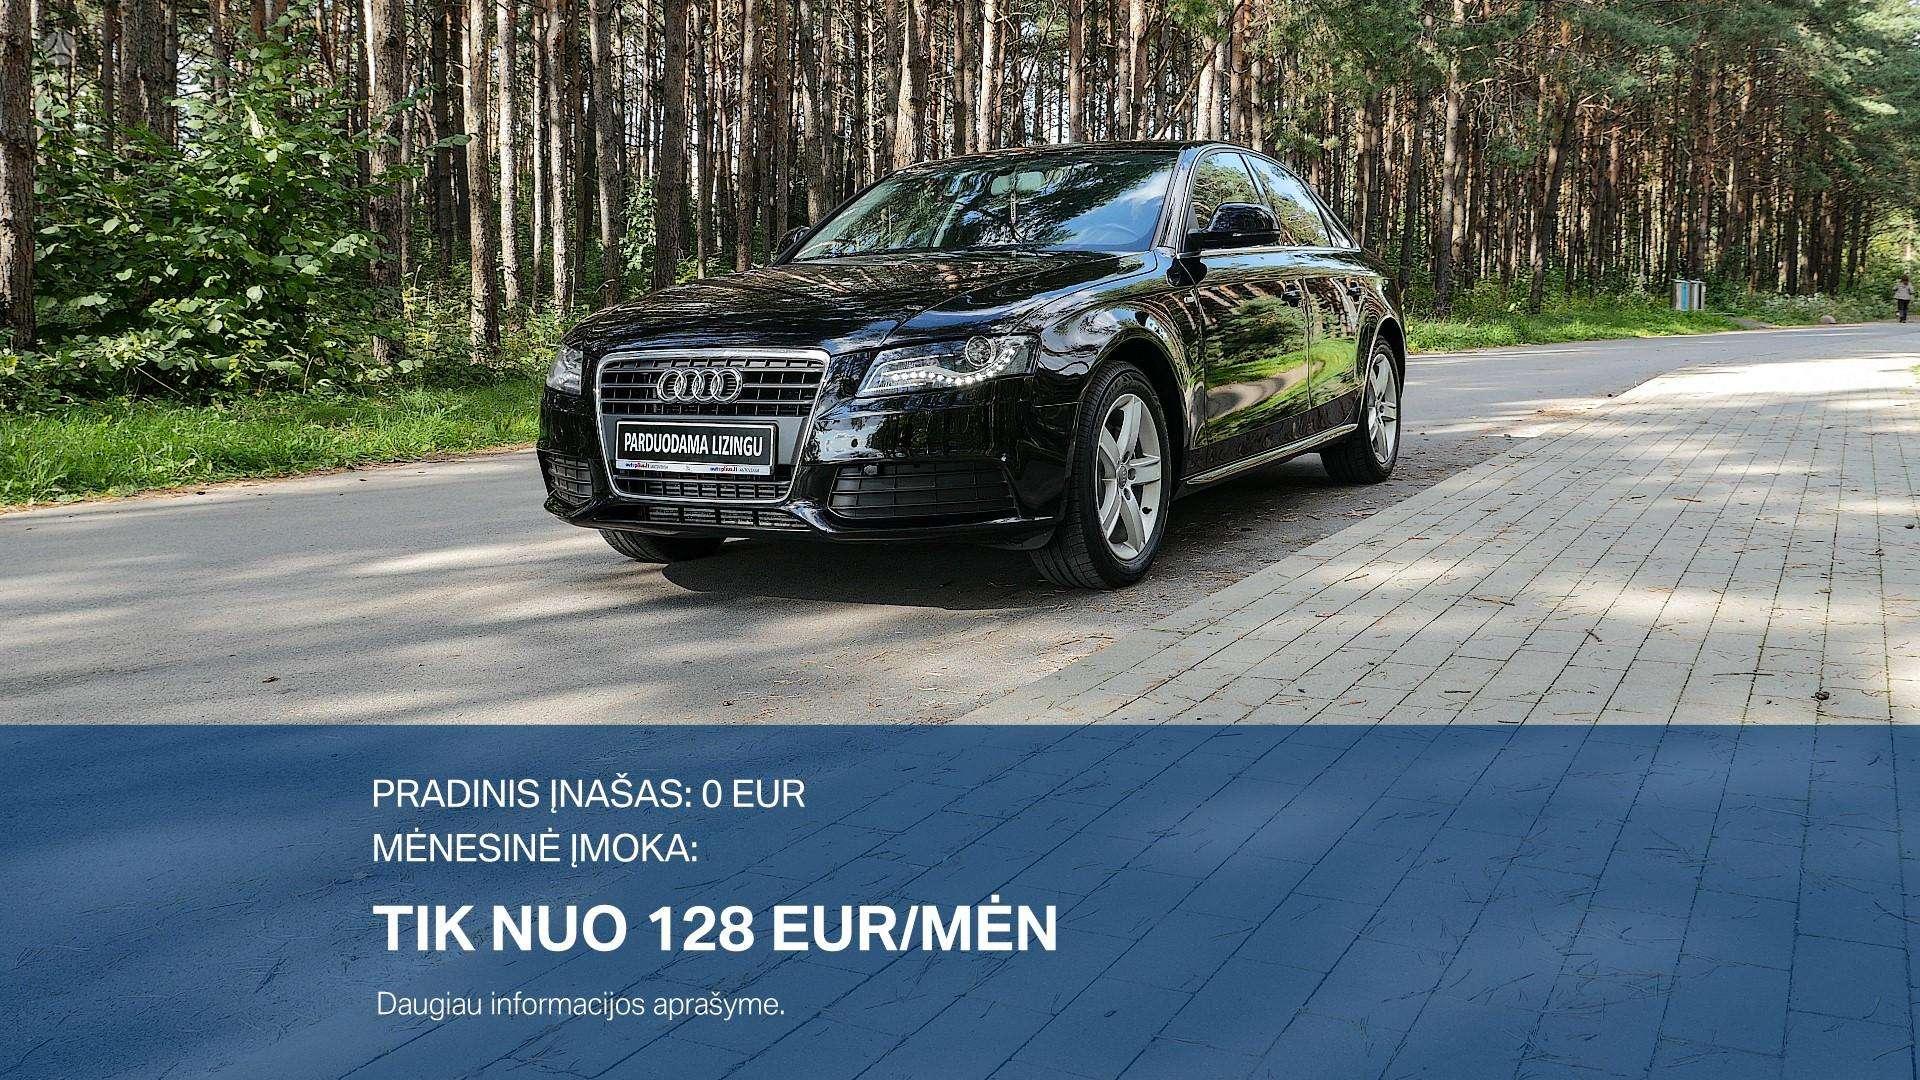 Audi A4 Išsimokėtinai nuo 128Eur/Mėn su 3 mėnesių garantija